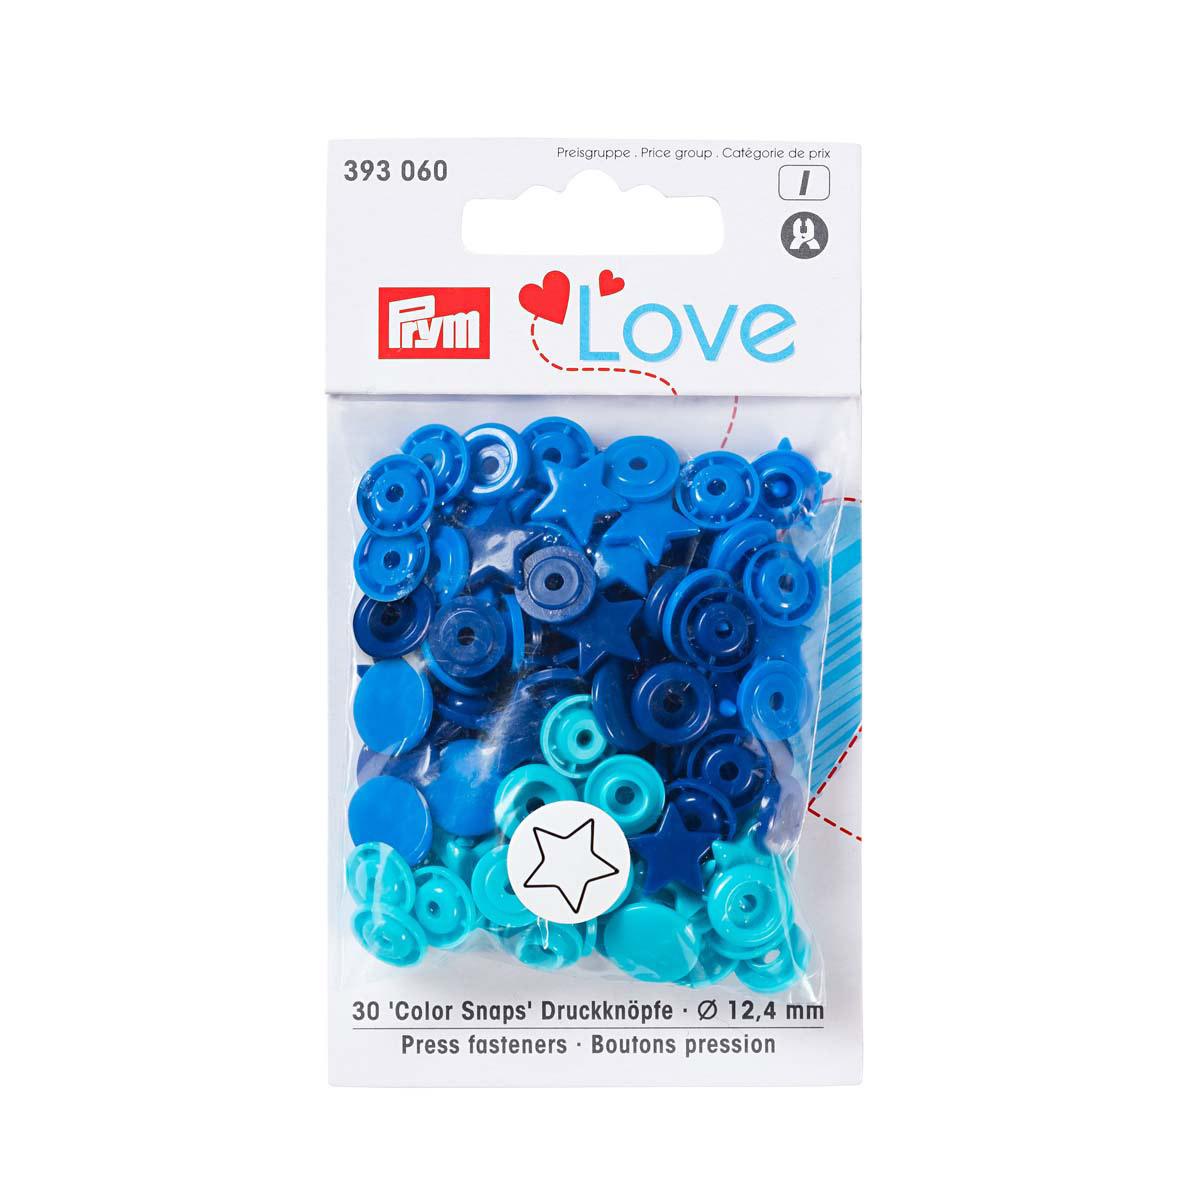 393060 Kнопки 'Звезда' Color Snaps Prym Love, синий/бирюза/чернильный, 12мм, 30шт Prym